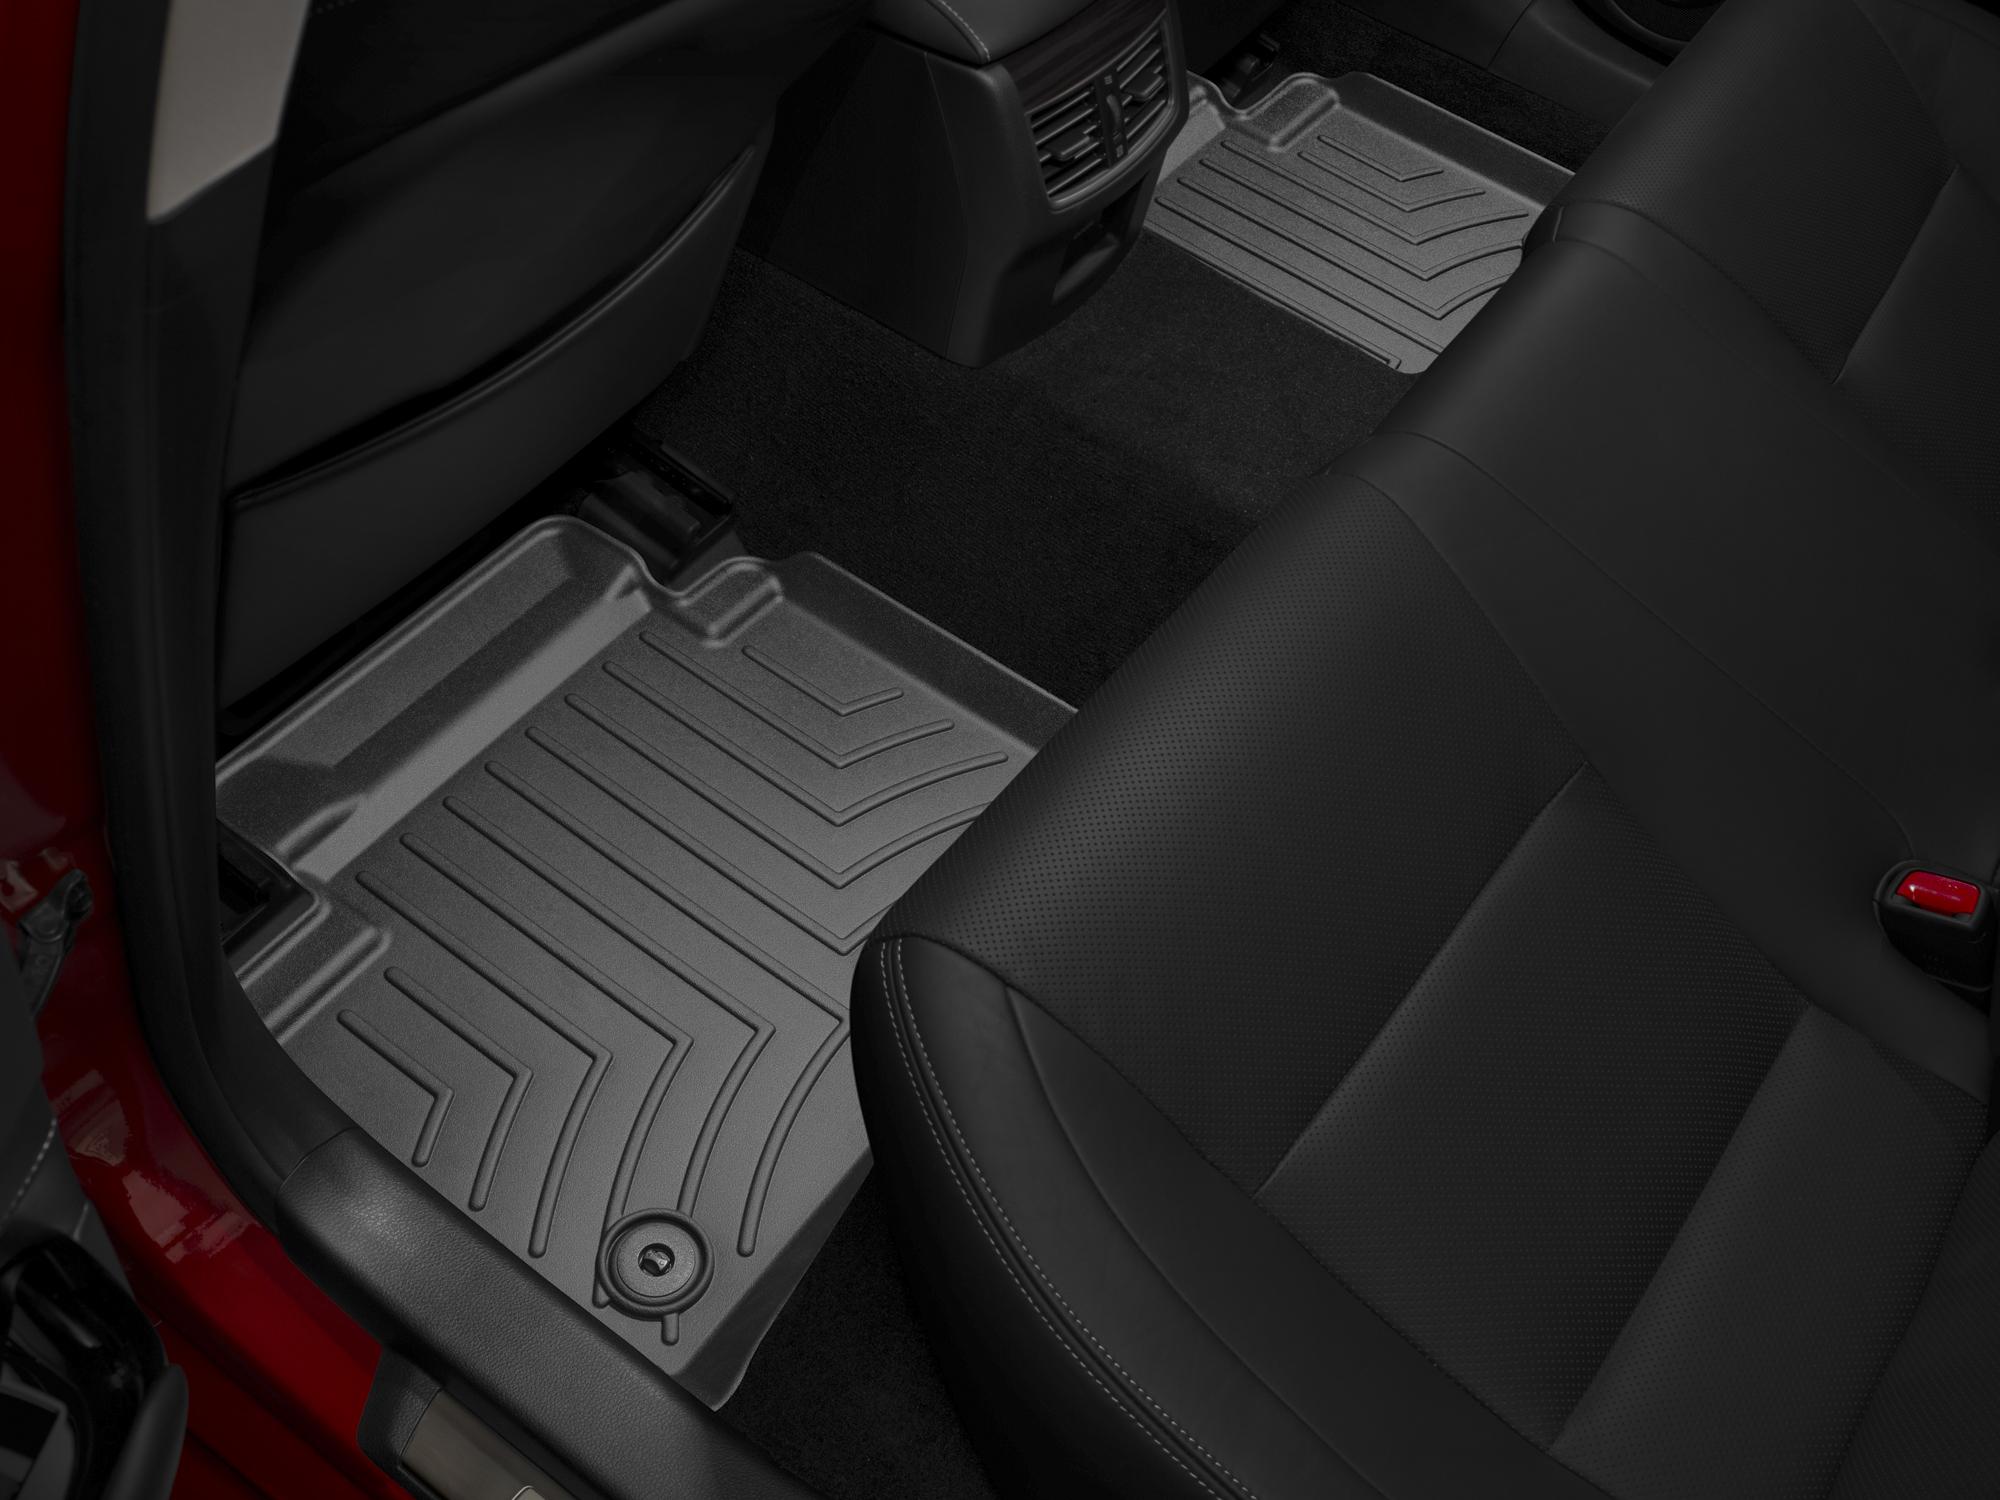 Tappeti gomma su misura bordo alto Lexus GS 13>17 Nero A2019*